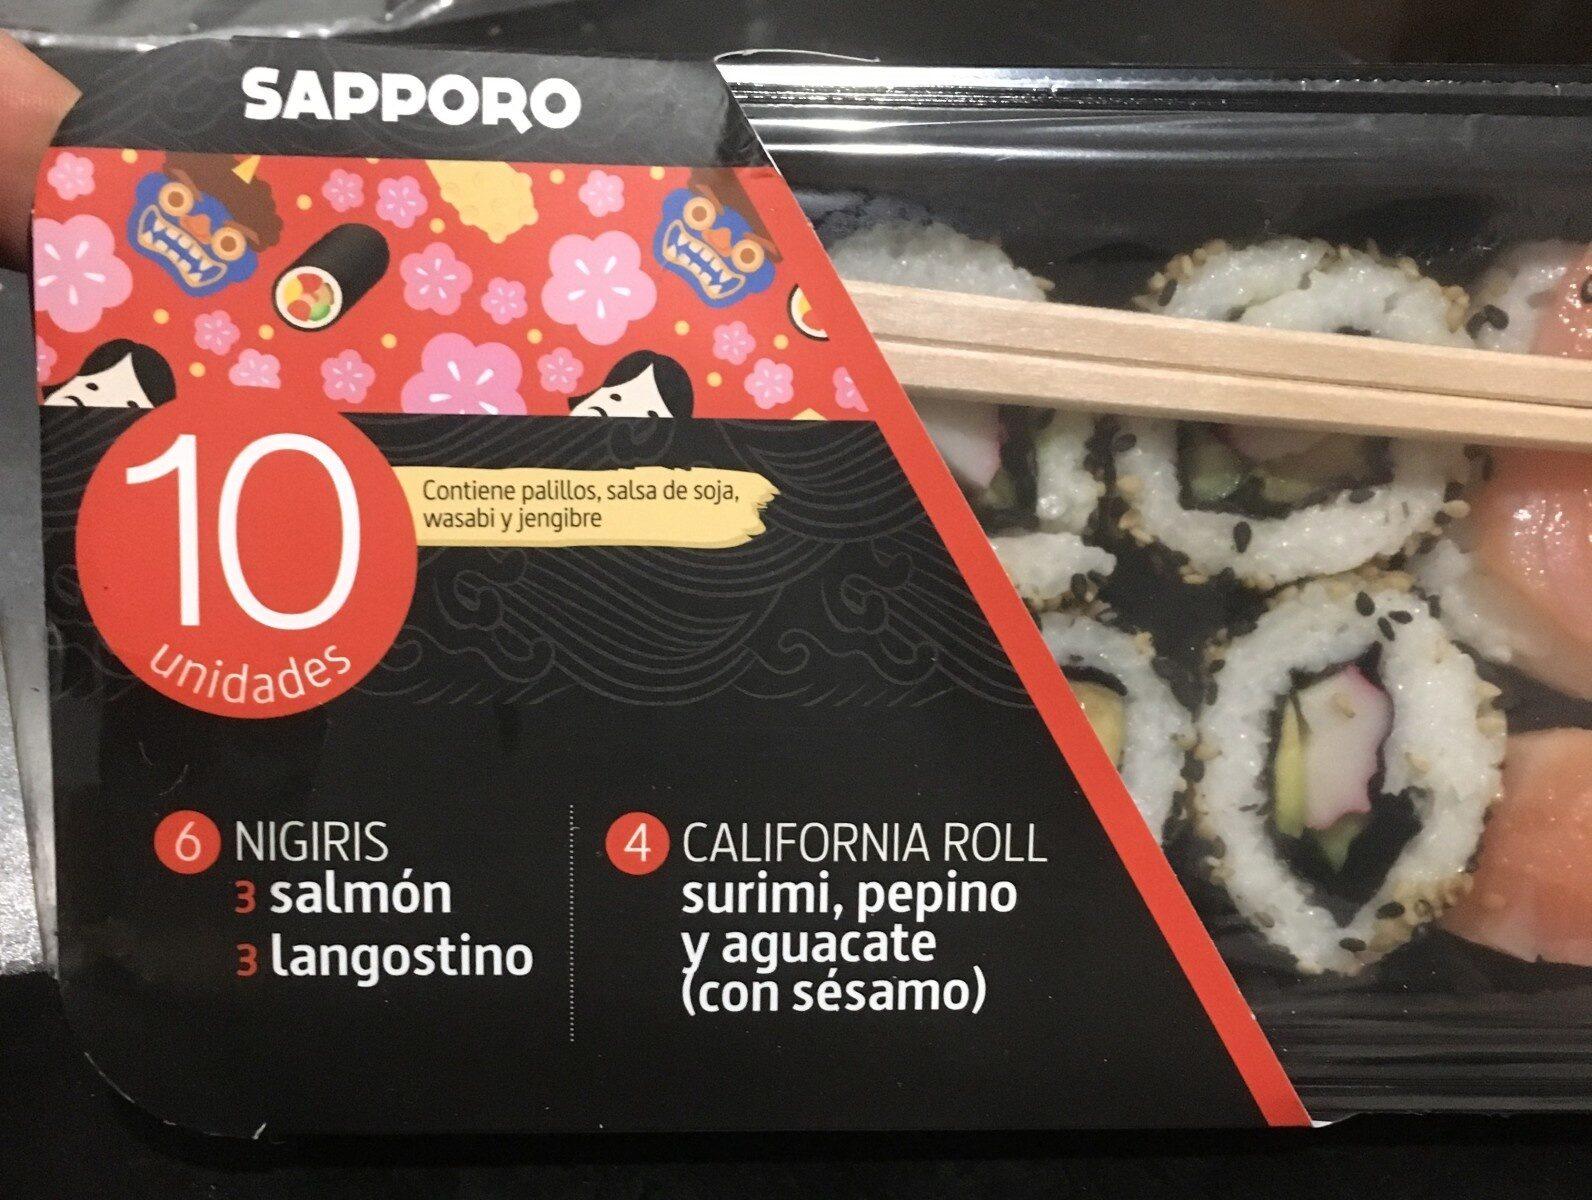 6 nigiris, 6 california roll - Product - es